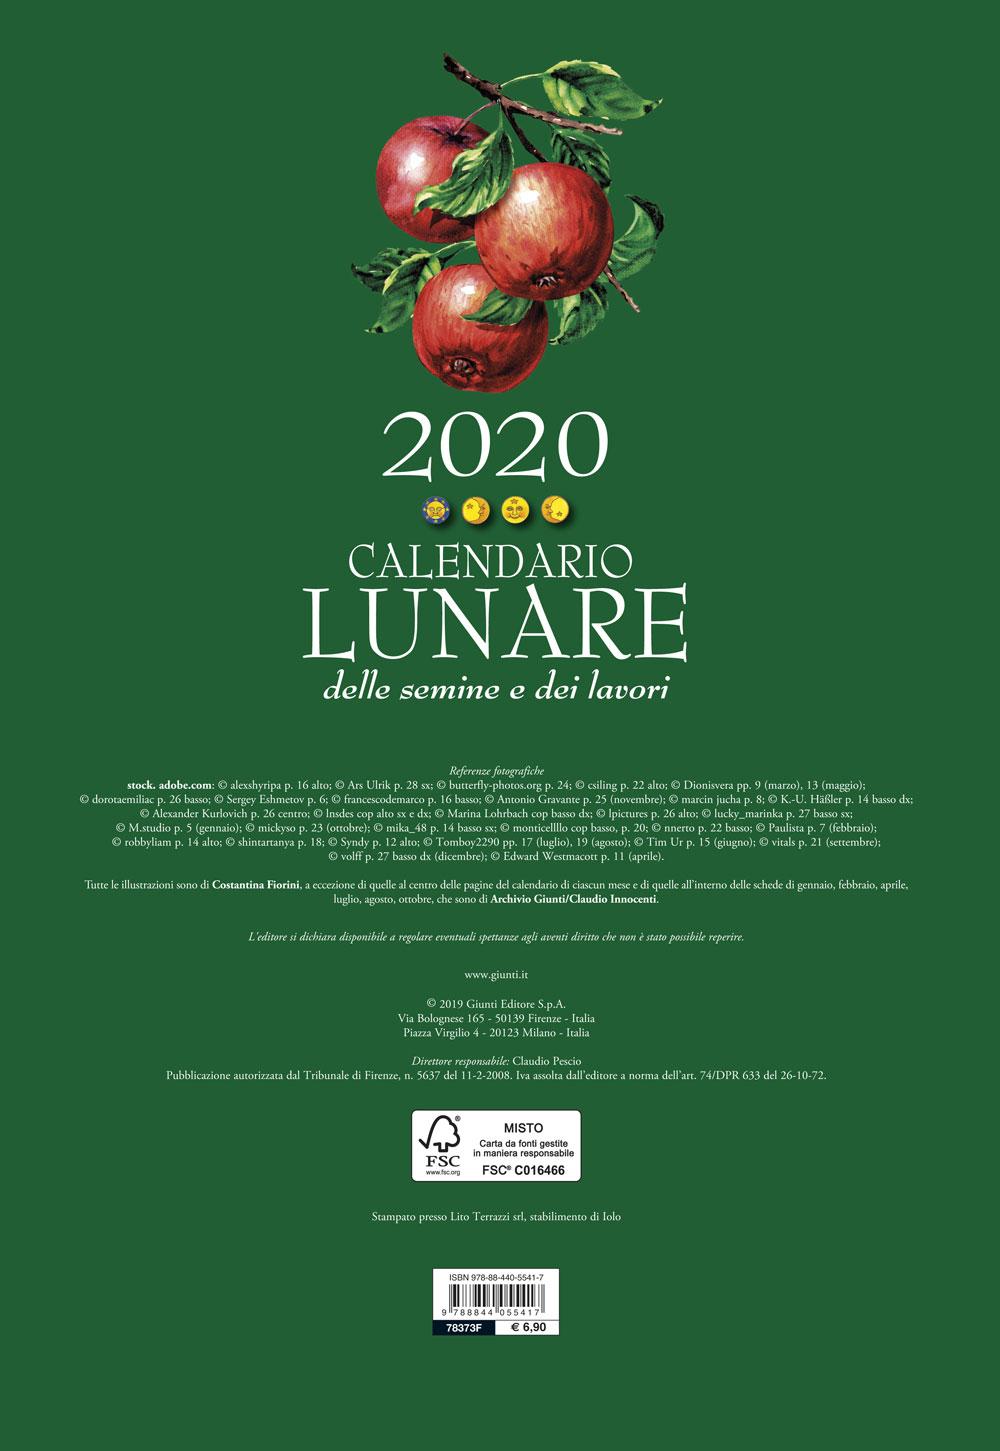 Calendario Lunare Per Imbottigliamento 2020.Calendario Lunare 2020 Giunti